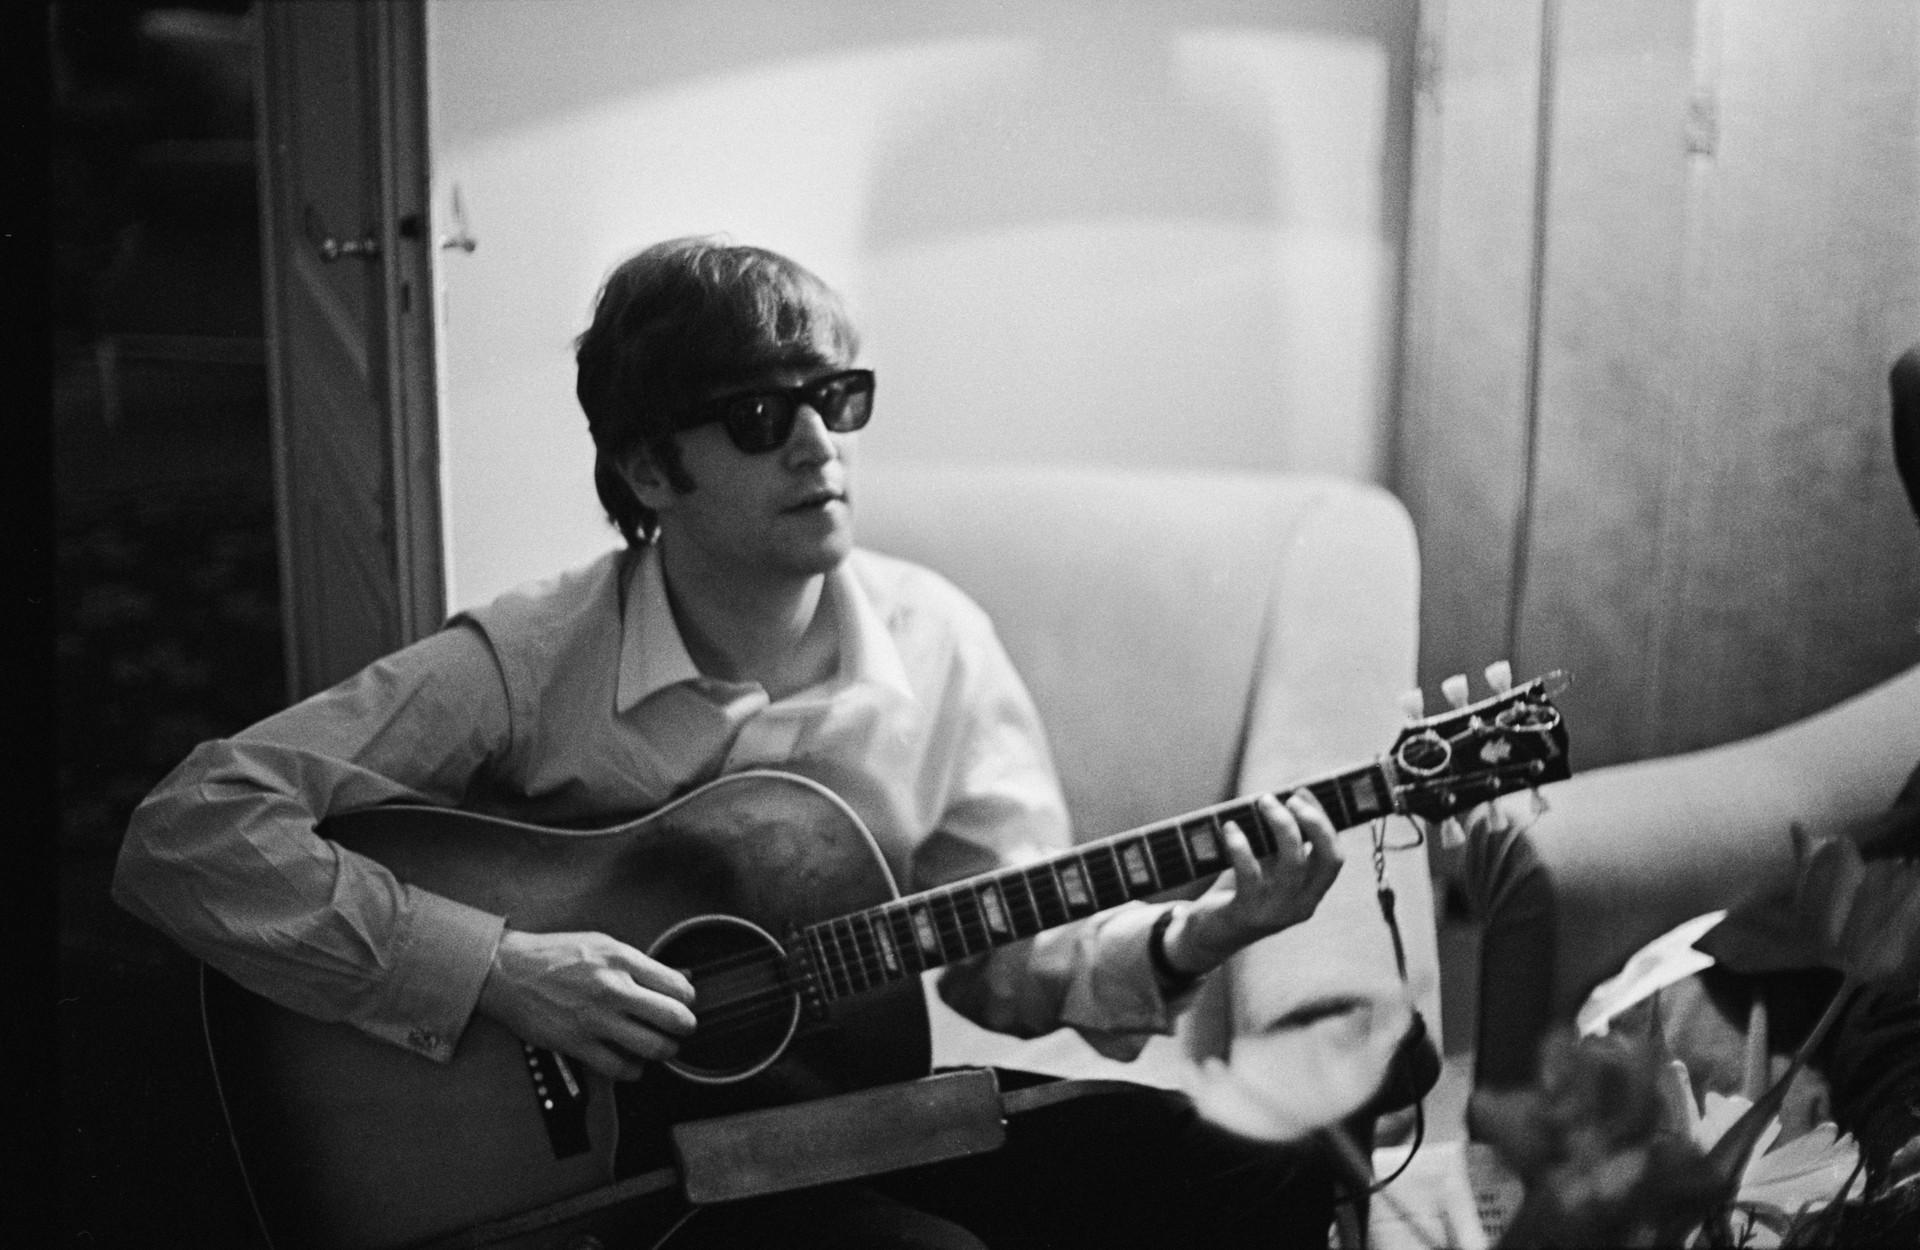 O assassino Mark David Chapman decidiu matar o cantor porque ele era o mais famoso dos Beatles. Chapman demarcou o apartamento de Lennon em Nova York ao meio-dia – ele chegou até a conversar com o marido de Yoko Ono, pedindo para ele autografar um álbum. Às 11 horas da noite, quando John e esposa retornavam à casa, o psicopata atirou 5 vezes com seu revólver calibre 38, dos quais 4 acertaram Lennon. (Foto: Getty Images)